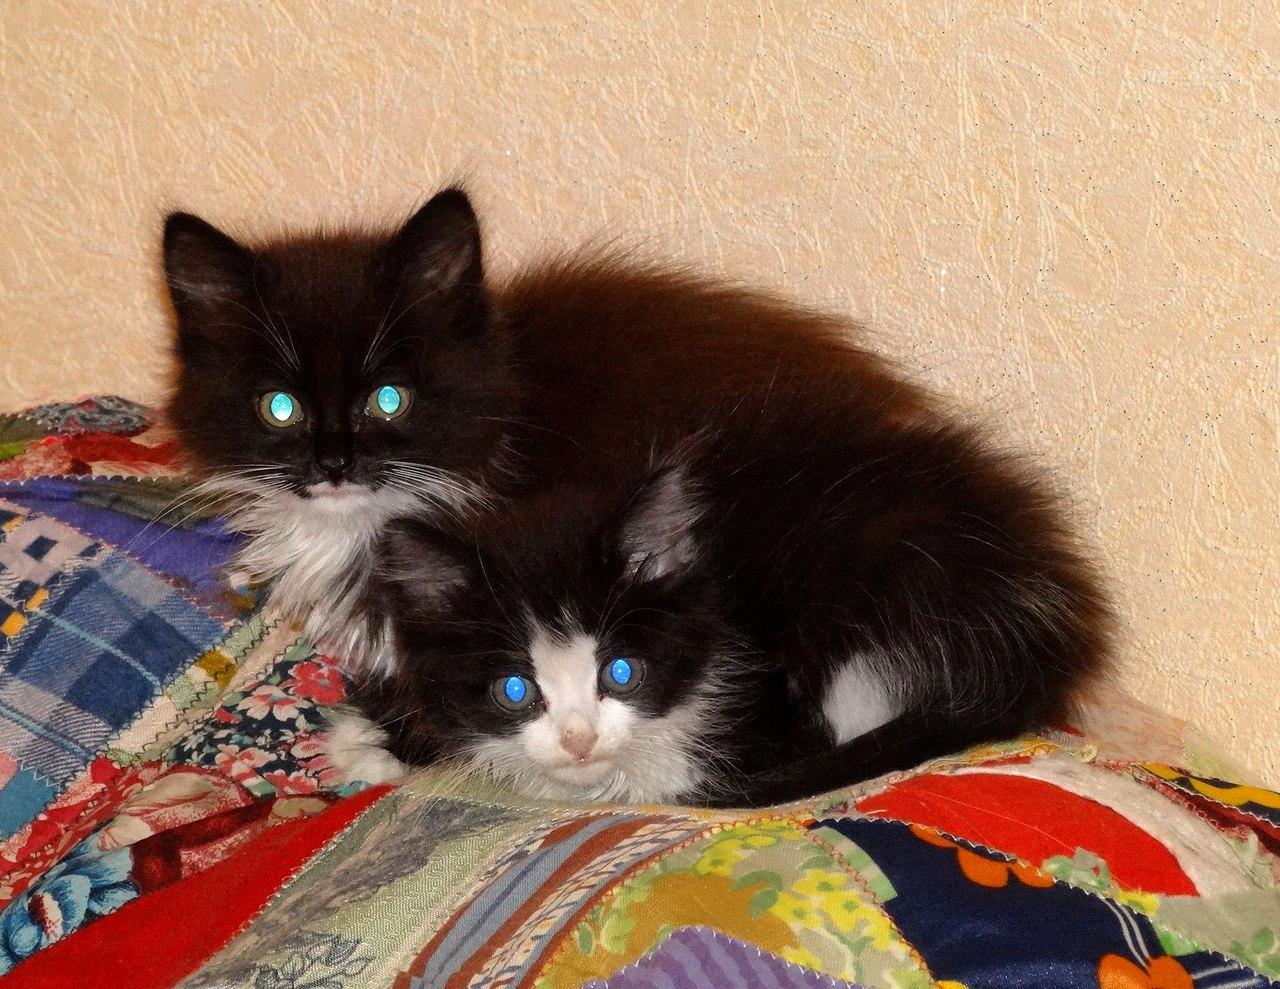 Однажды в дождливый денек я нашла мокрую коробку с двумя испуганными дикими котятками